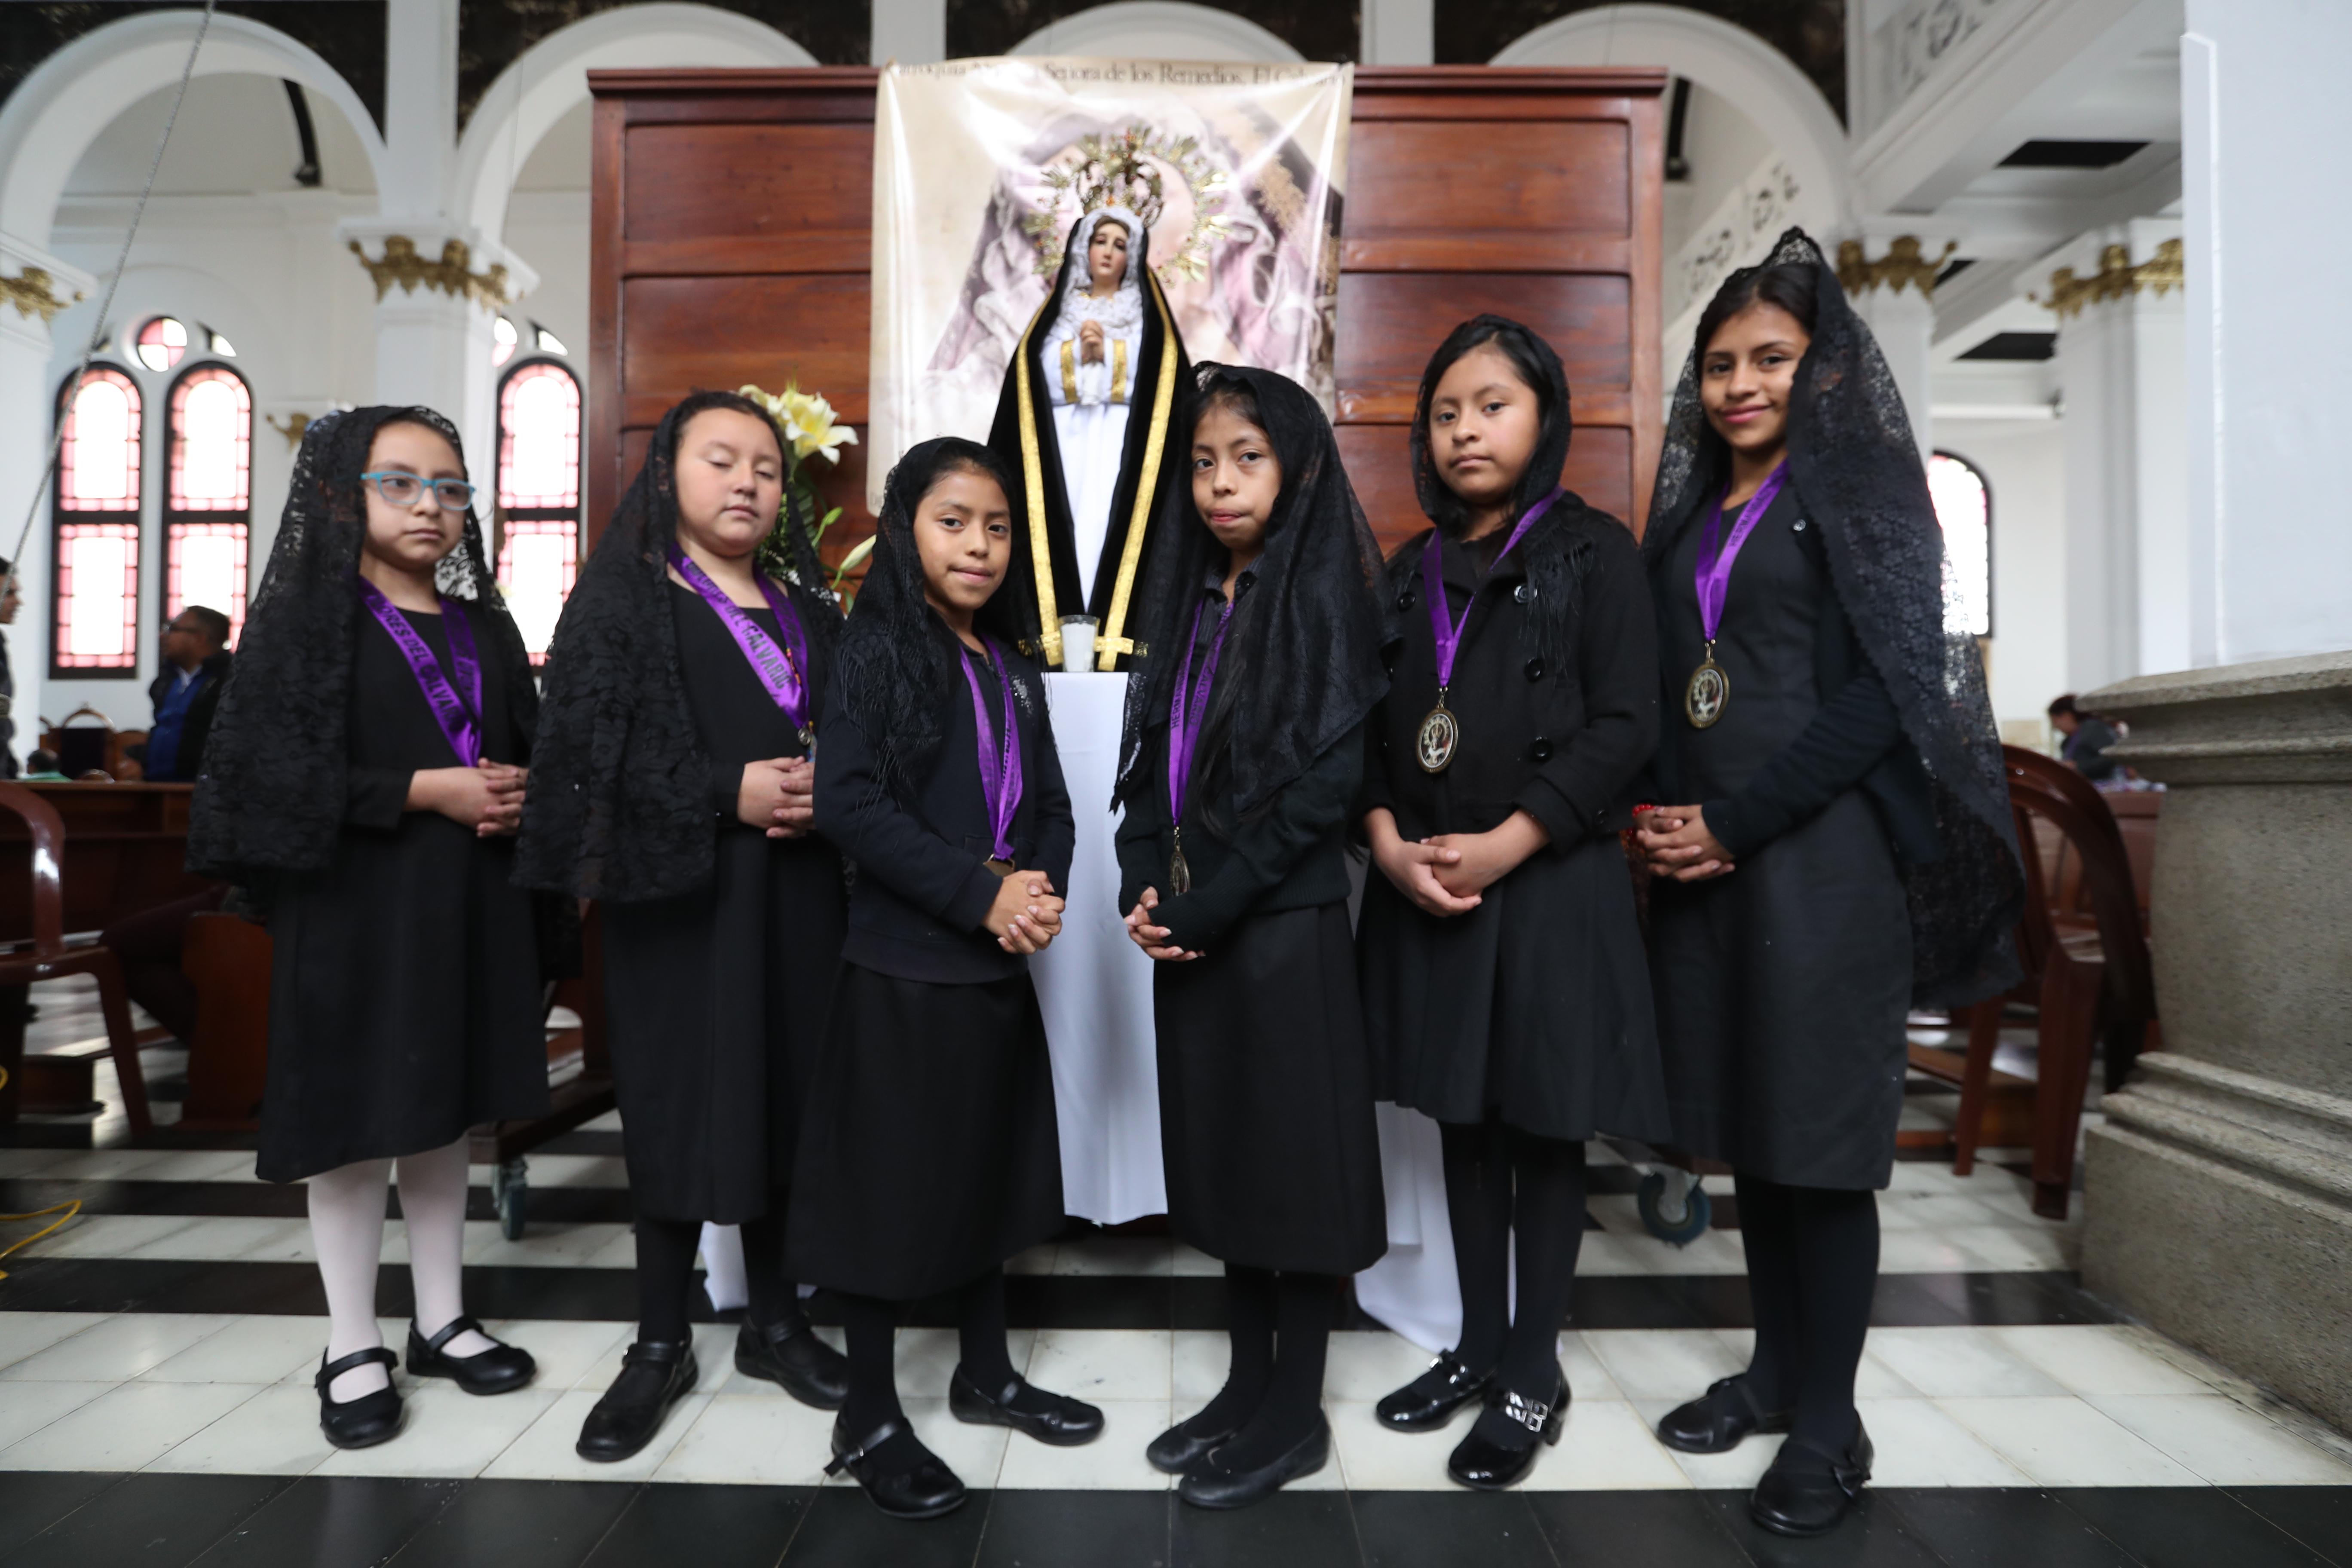 Este es el primer grupo de las Niñas Aspirantes de la Reina de la Paz, indicó el Diácono Cristian López de la iglesia El Calvario.